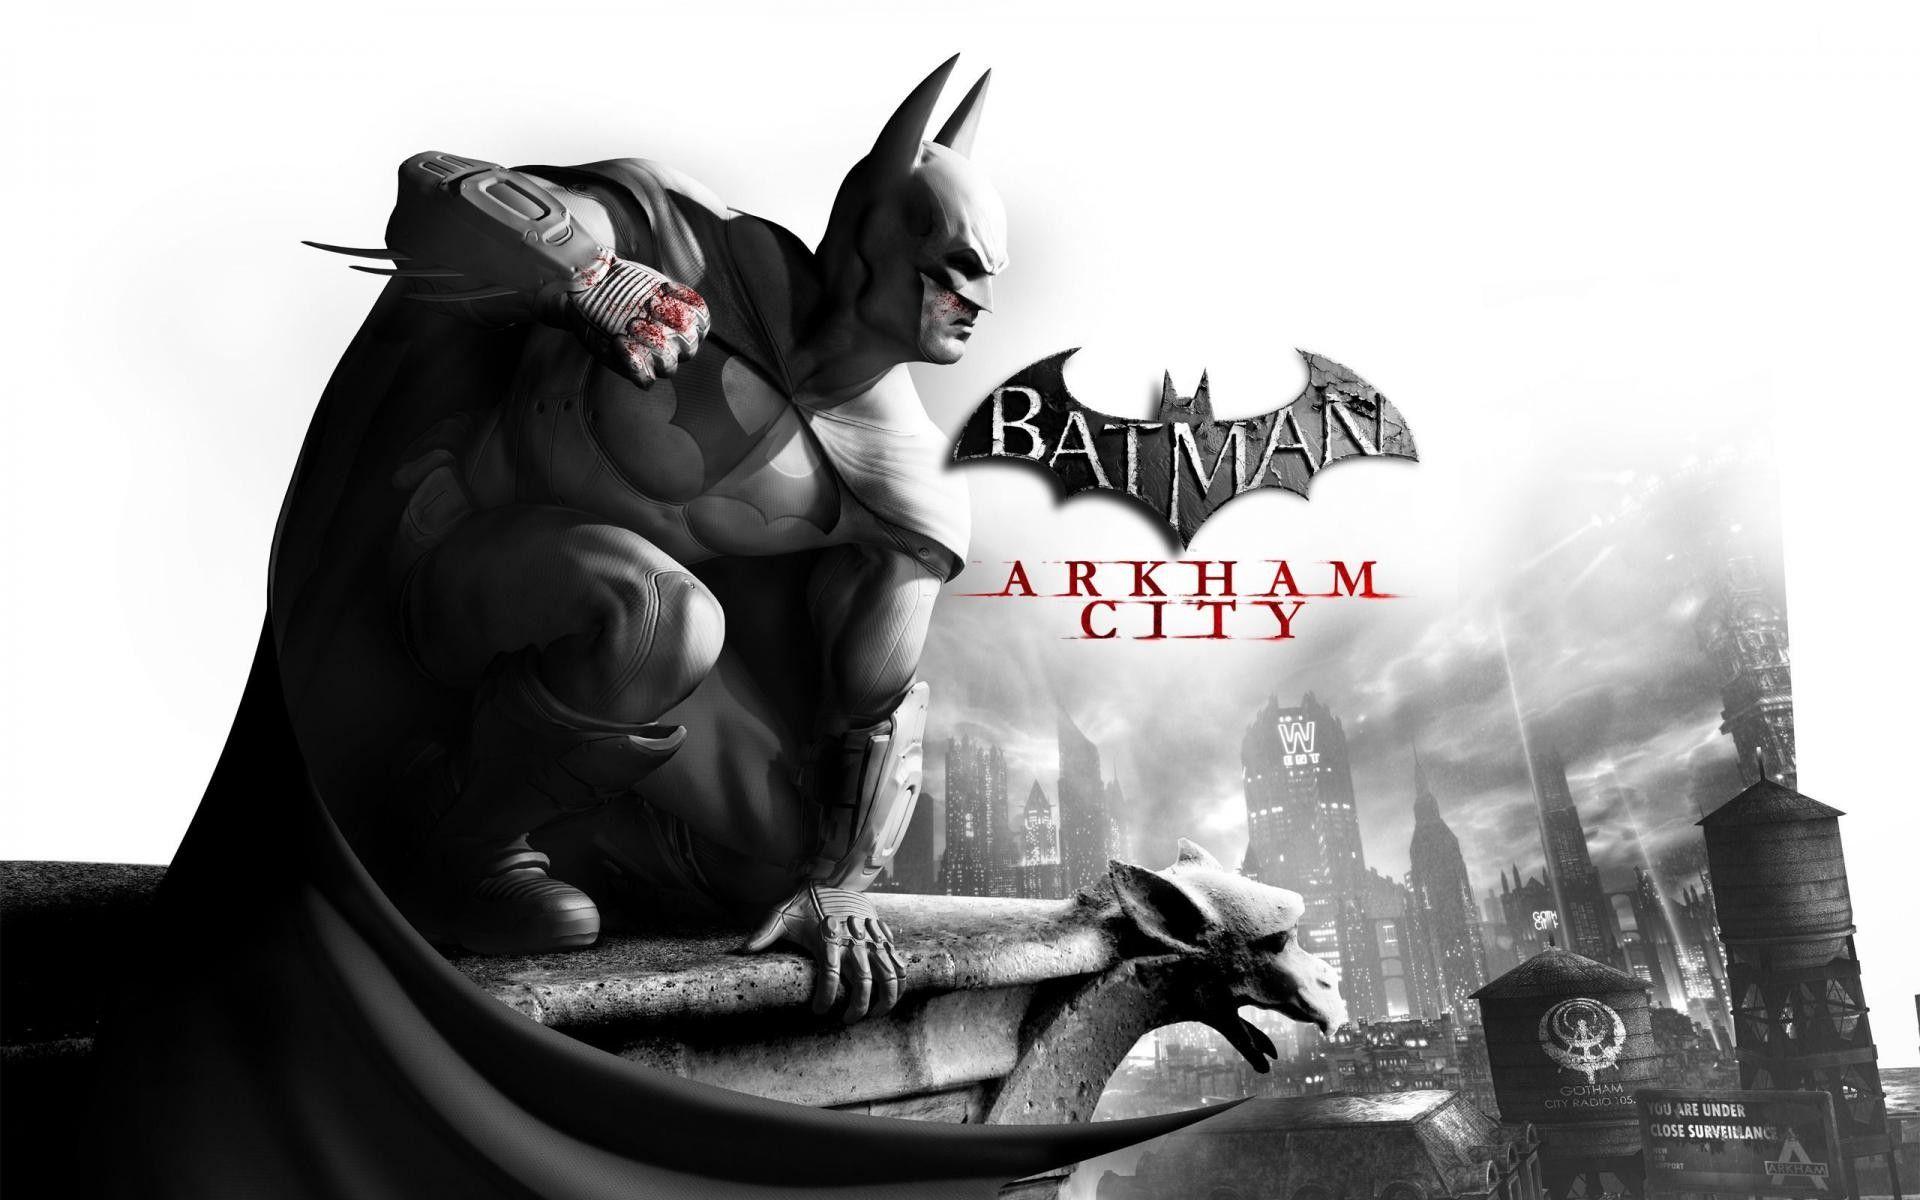 Batman Arkham City Riddler Wallpaper Hd